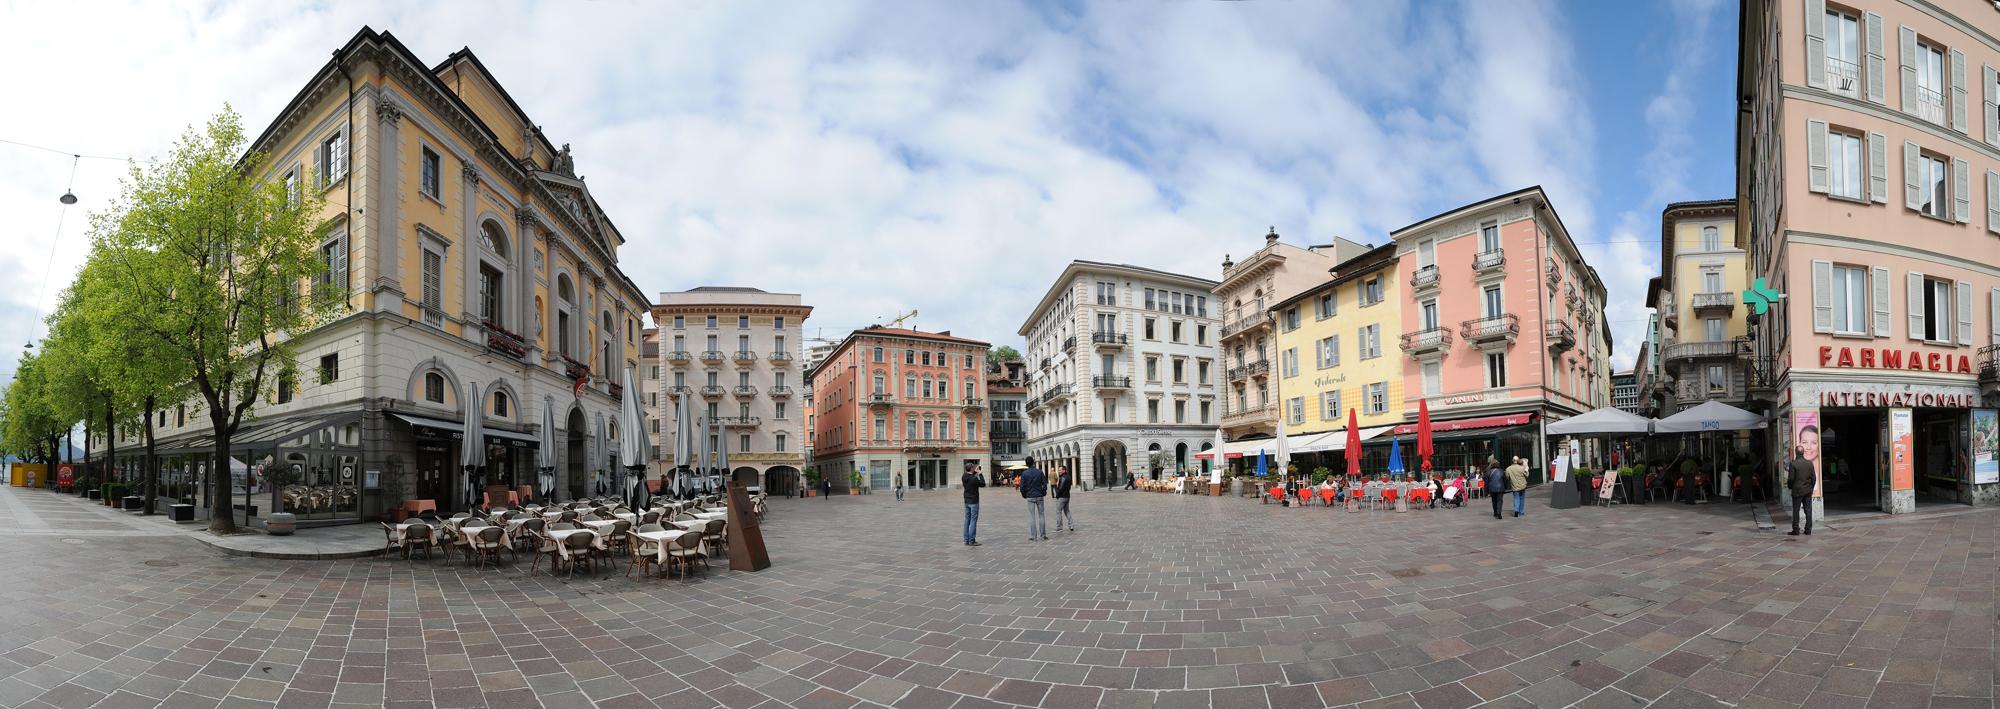 Панарамный вид площади Piazza della Riforma